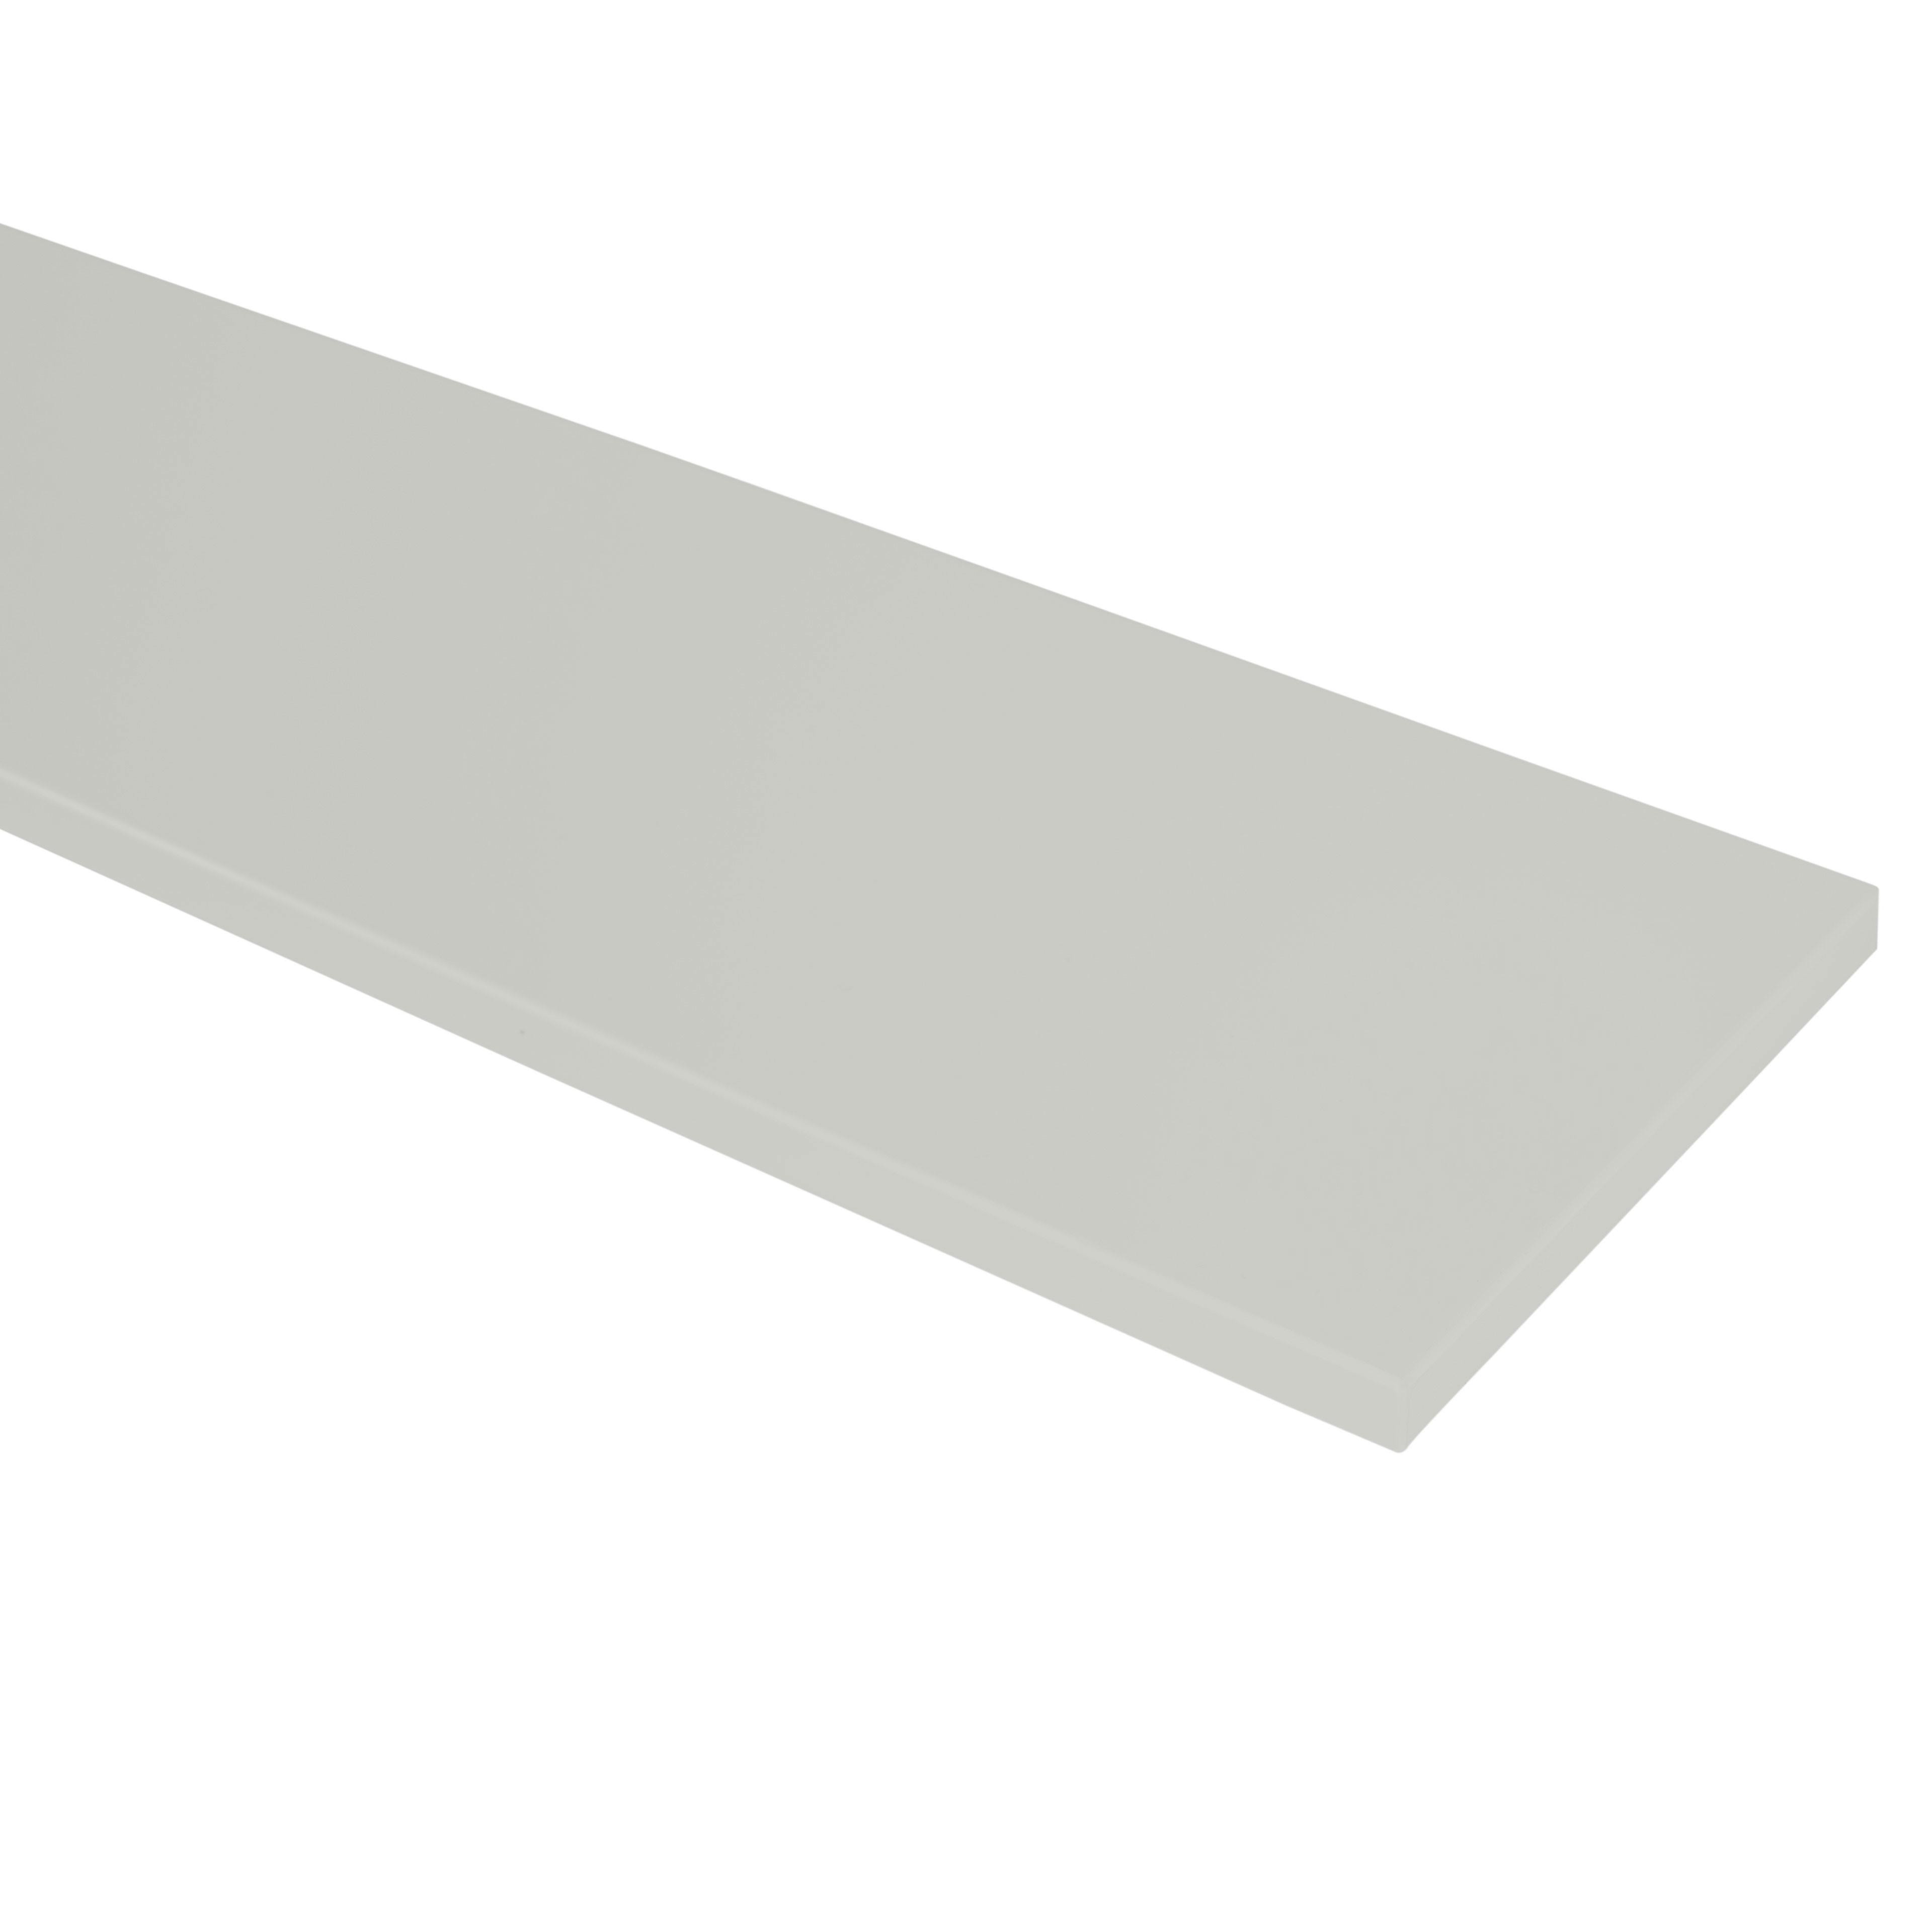 Epoq Sokkel 233x16 cm (Trend Greywhite) - Epoq Køkken - Trend ...